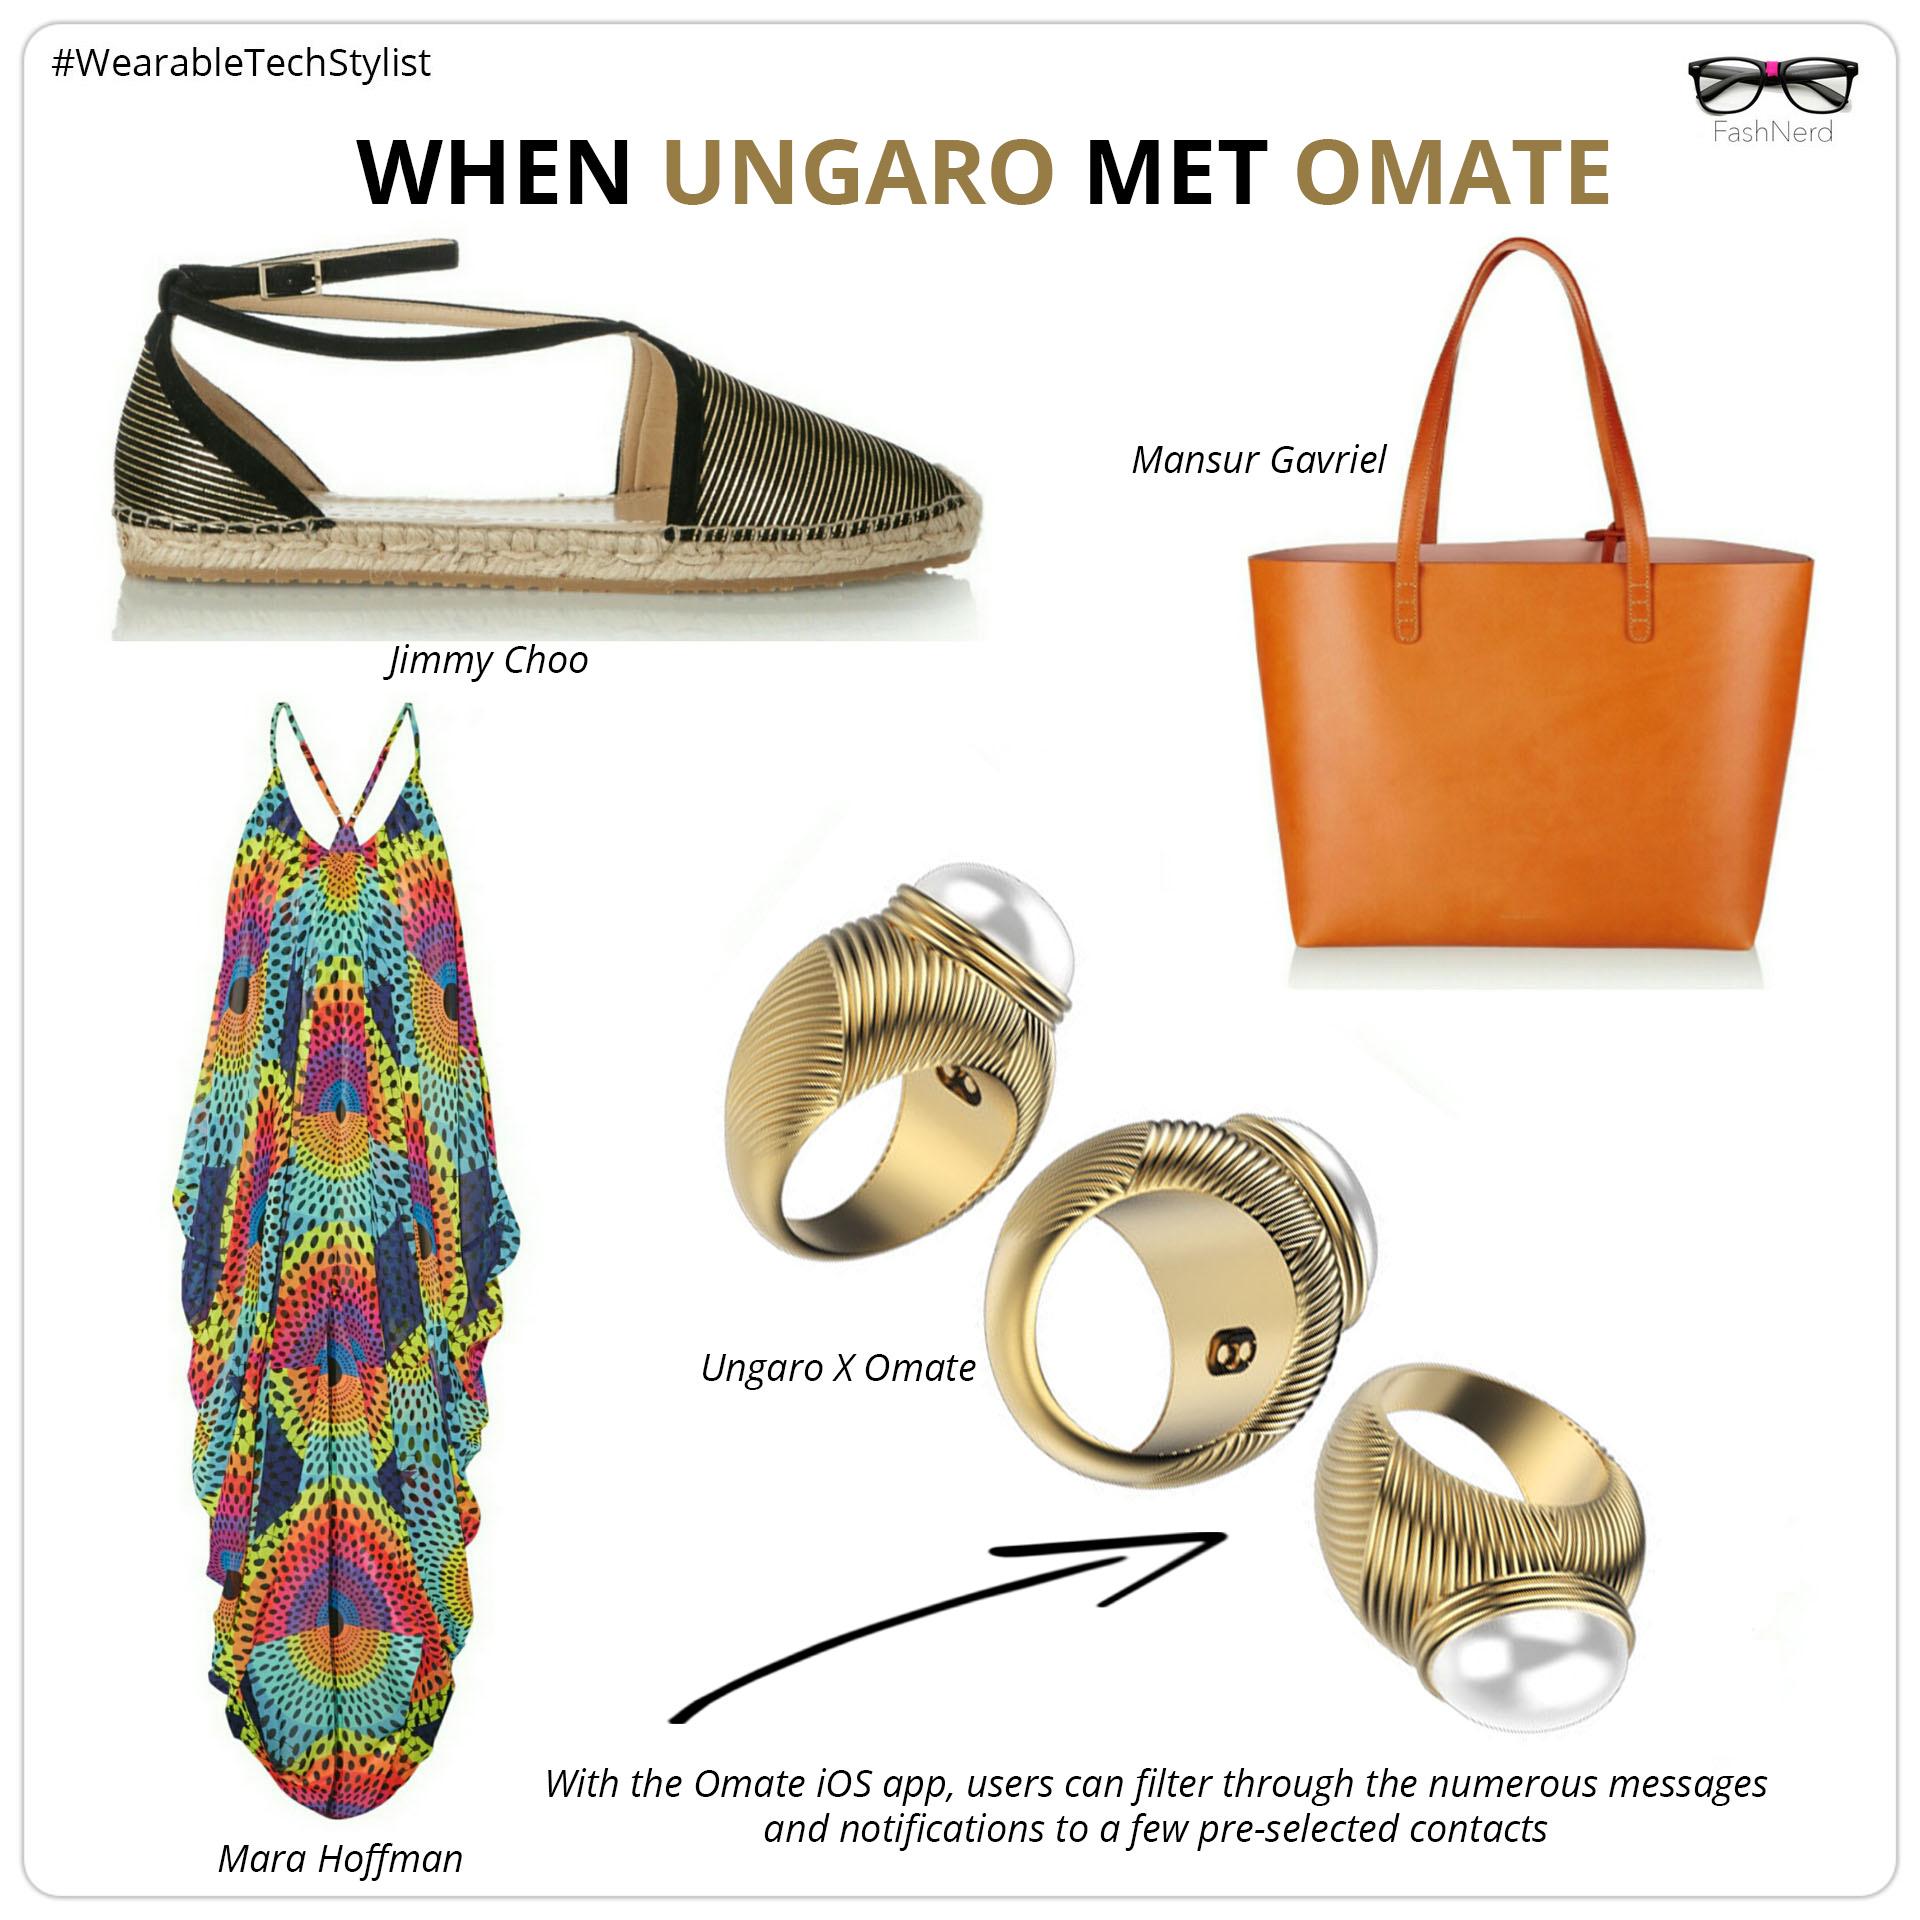 When Ungaro met Omate